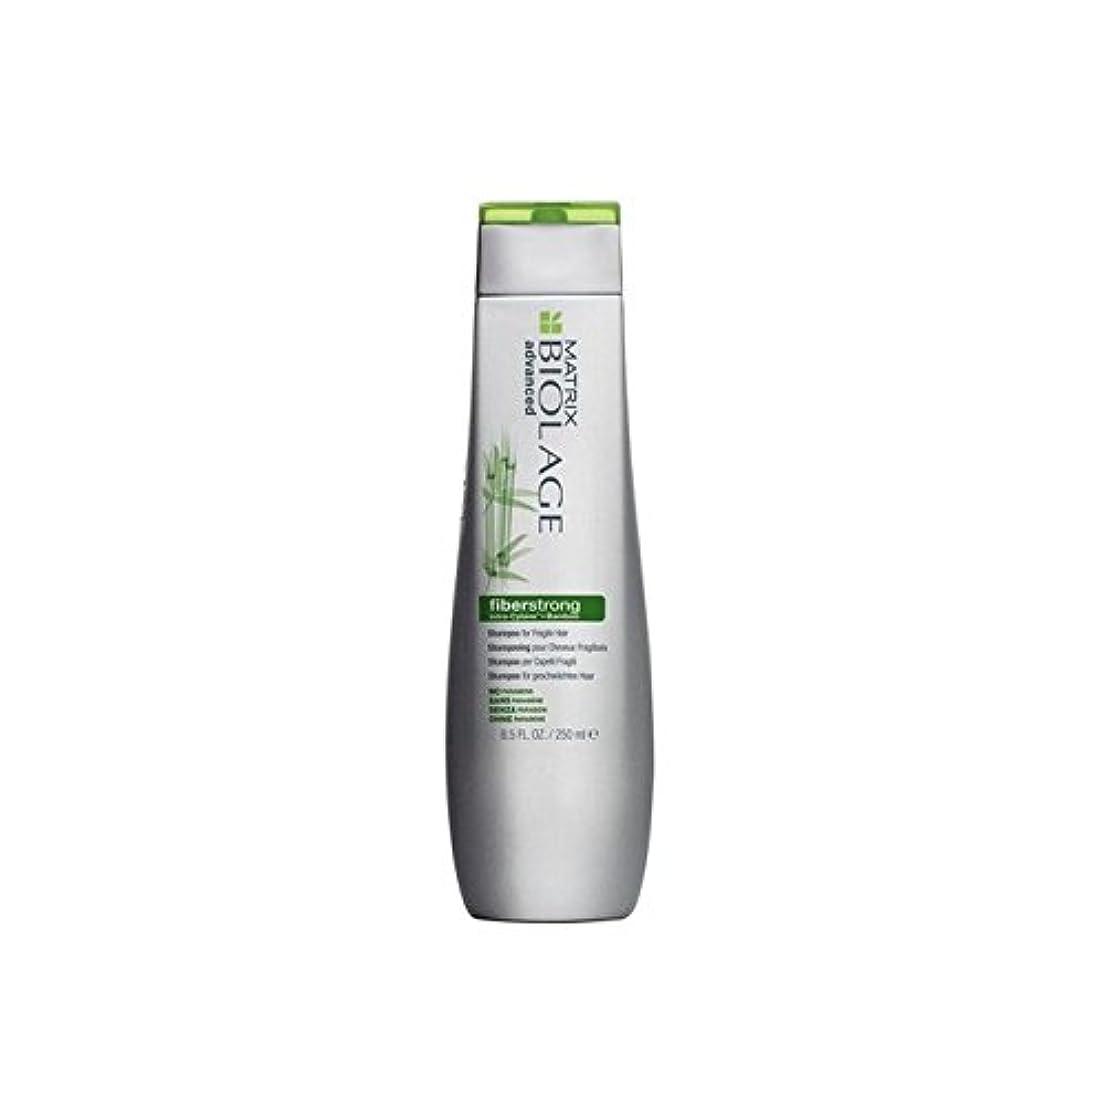 マスタード余暇談話Matrix Biolage Fiberstrong Shampoo (250ml) (Pack of 6) - マトリックスバイオレイジのシャンプー(250ミリリットル) x6 [並行輸入品]